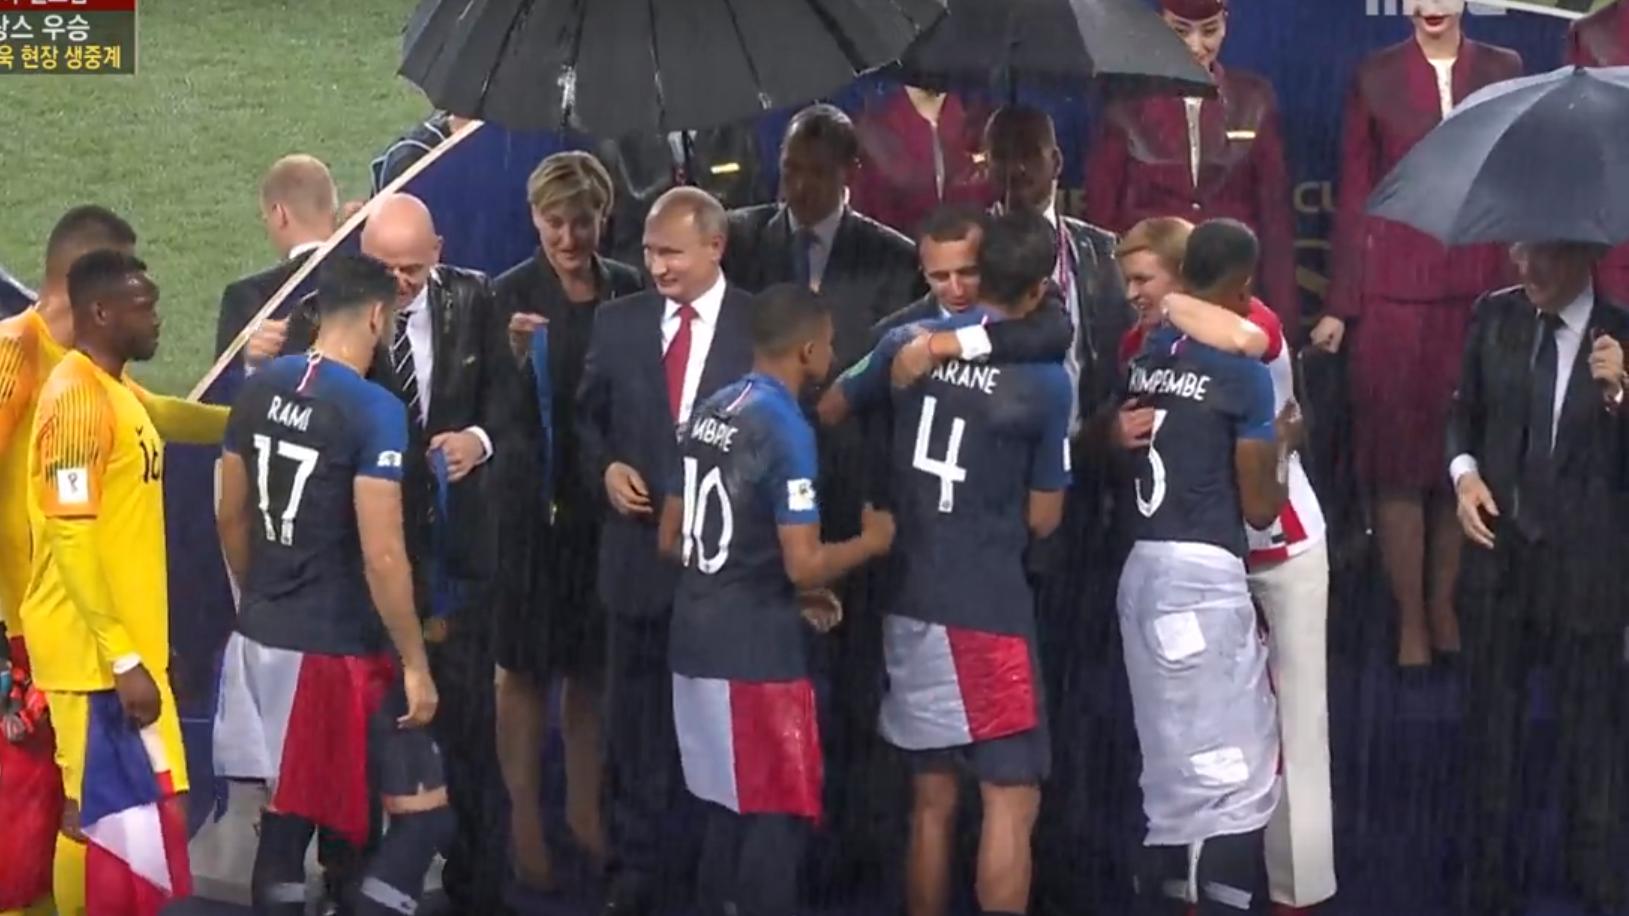 2018 러시아 월드컵 결승전이 끝나고 - 프랑스와 ...